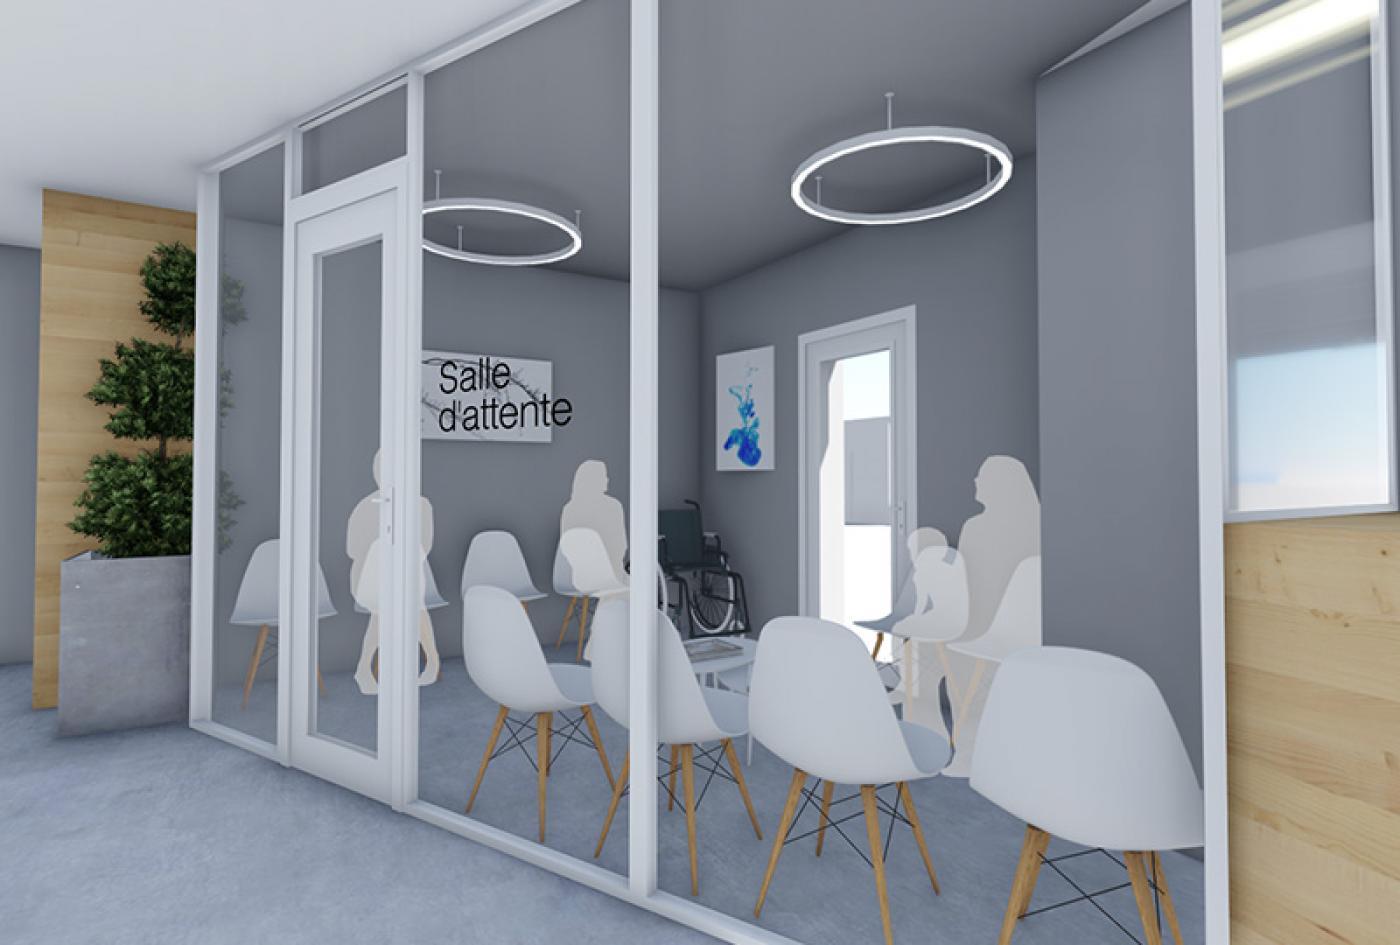 rénovation maison de santé lyon